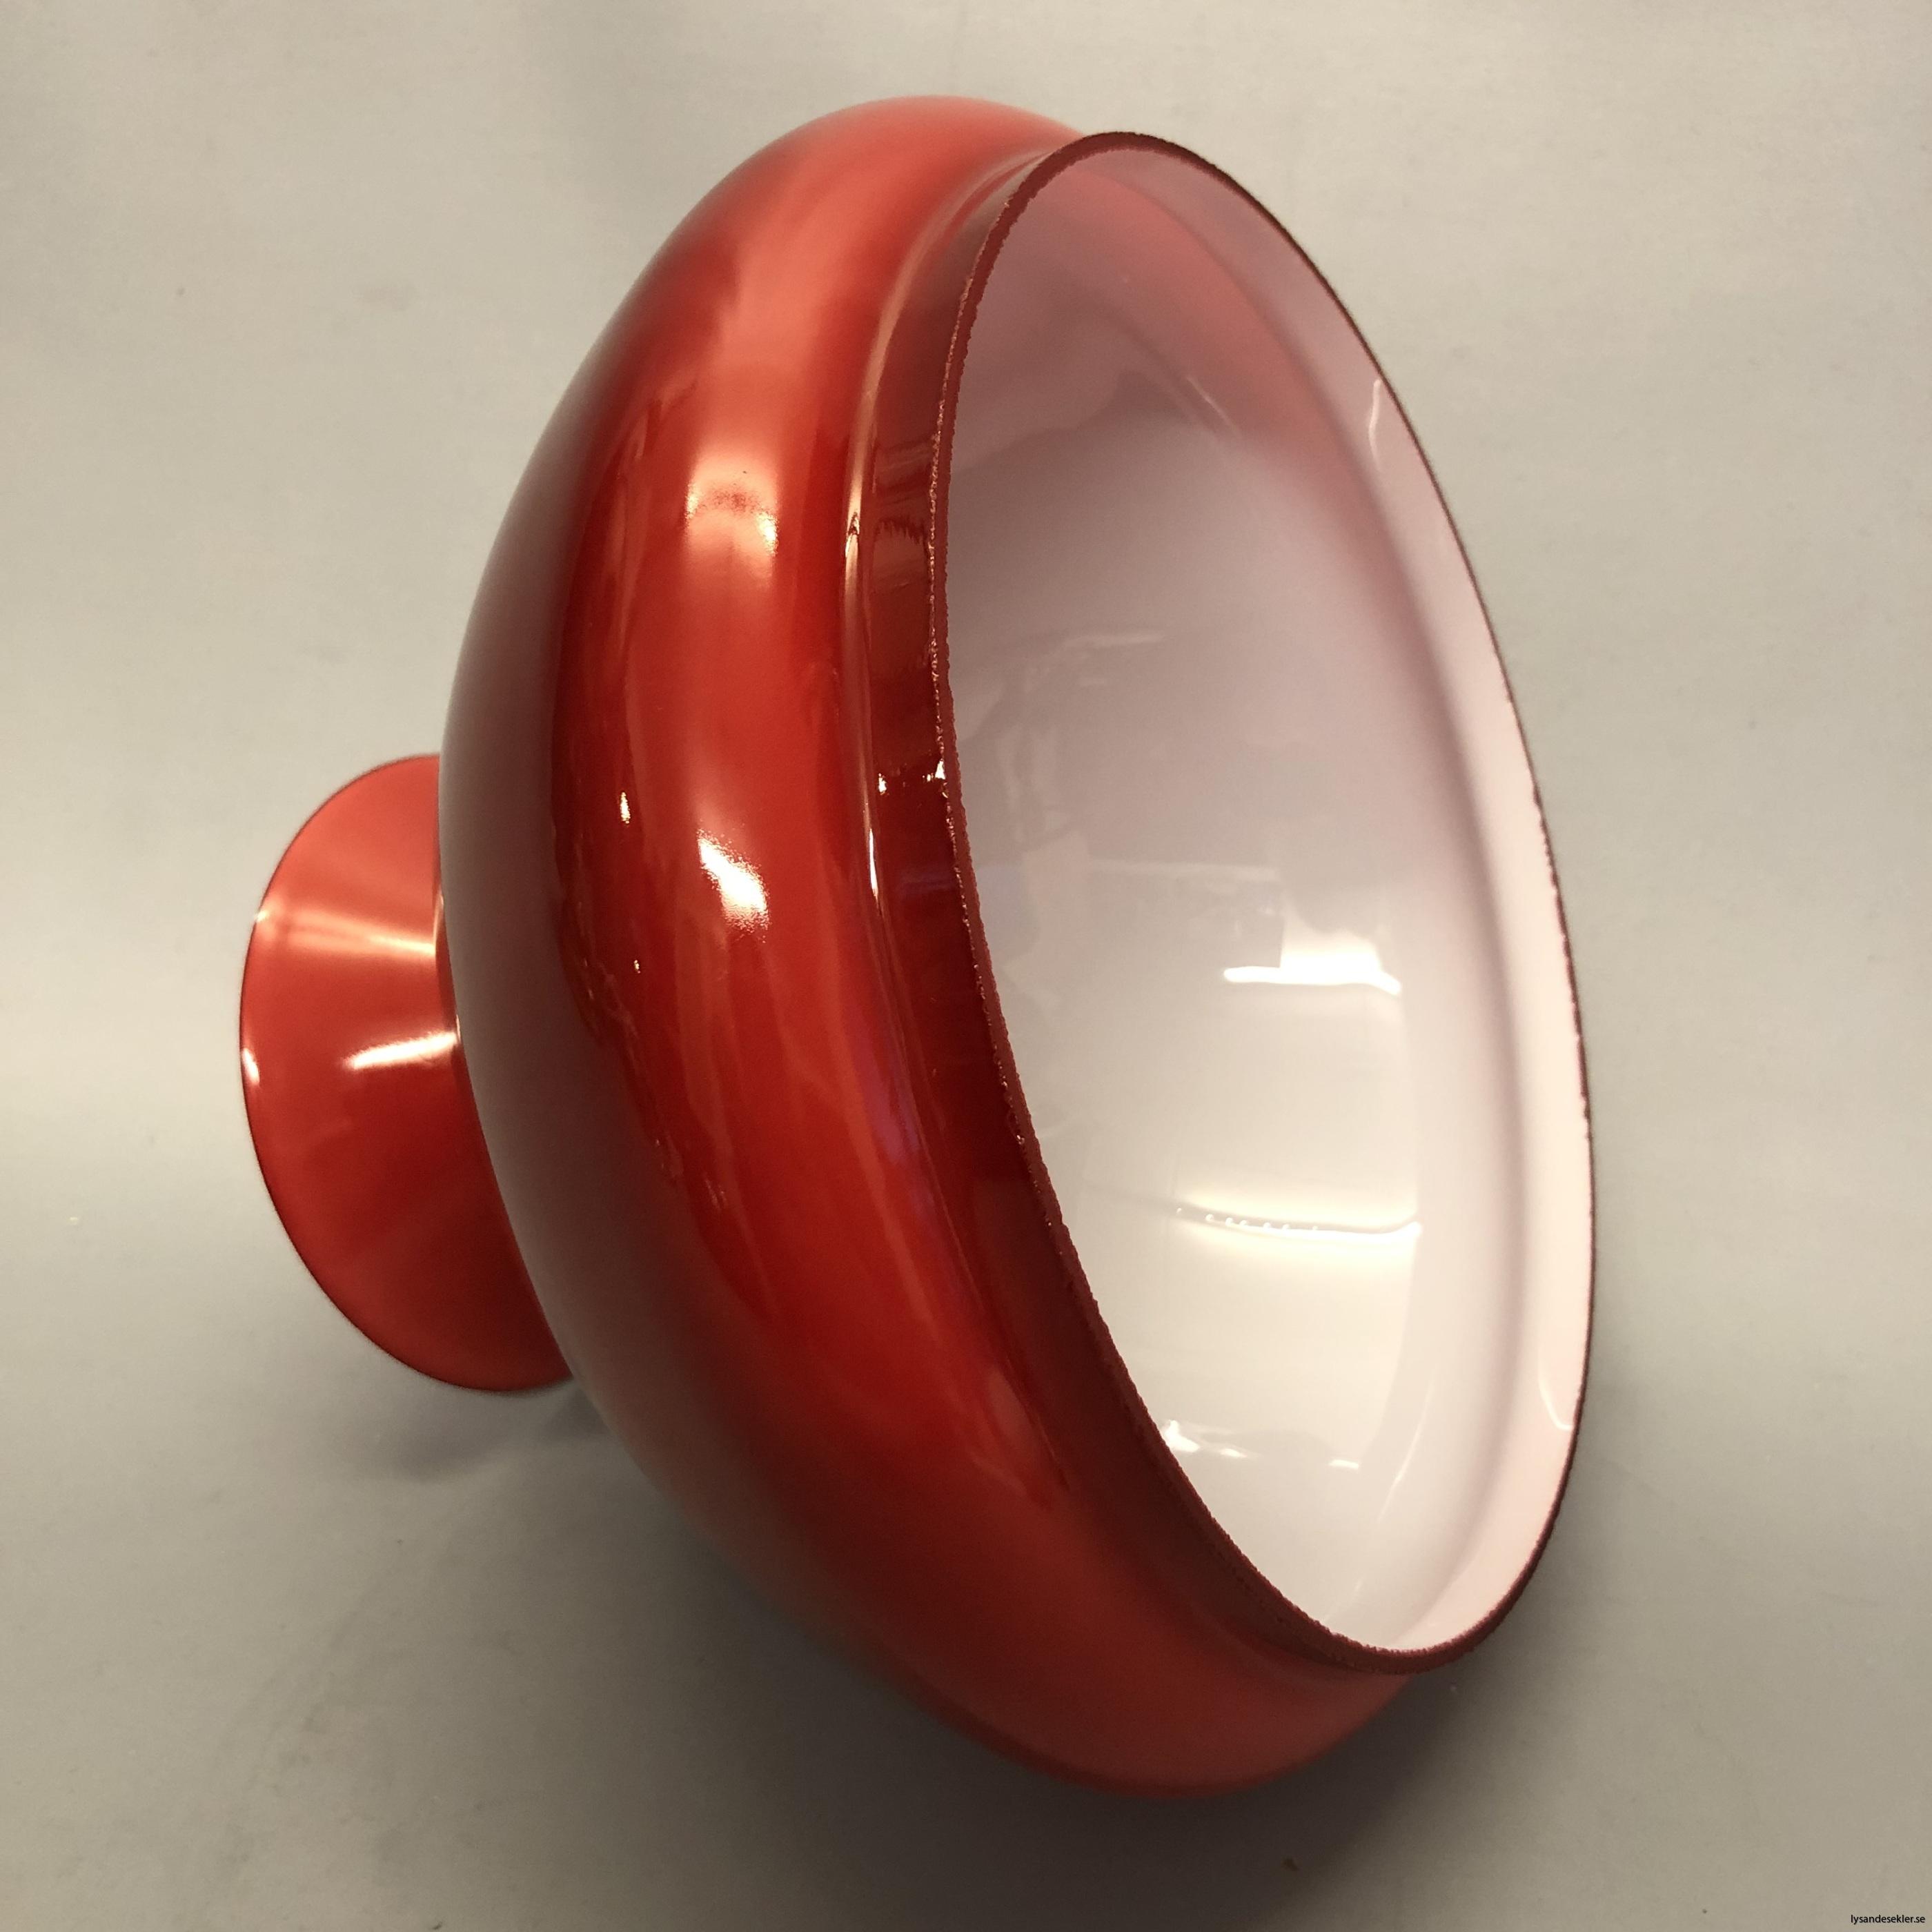 färgad vesta vestaskärm i färg fotogenskärm grön röd gul orange skärm till fotogenlampa35